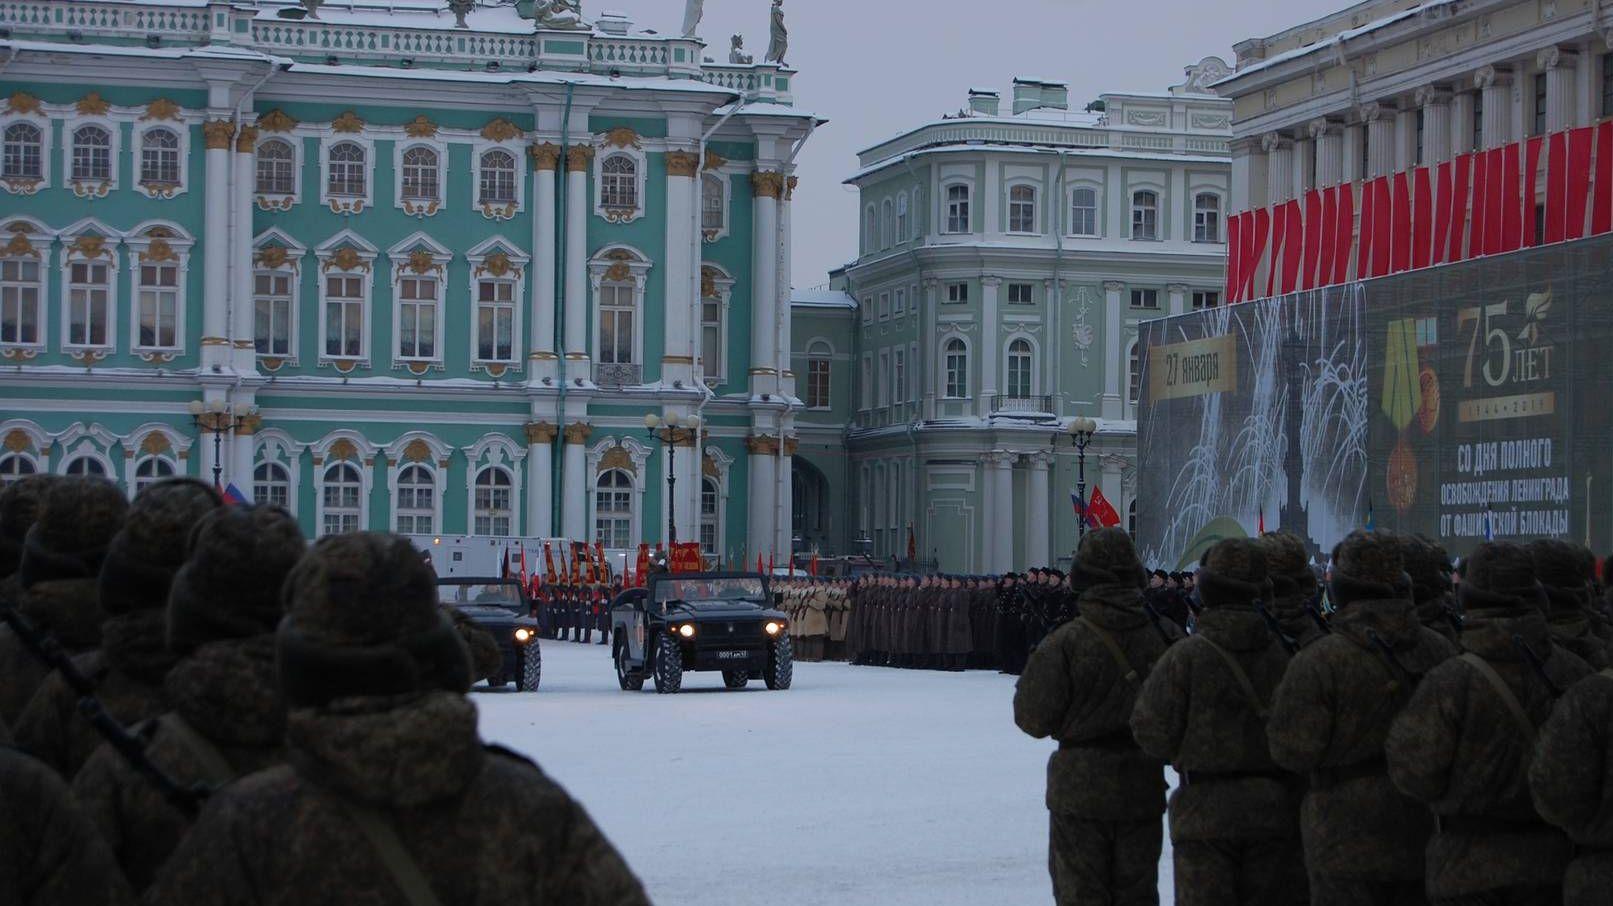 Парад в честь 75-й годовщины полного освобождения Ленинграда от фашистской блокады, Дворцовая площадь, Санкт-Петербург